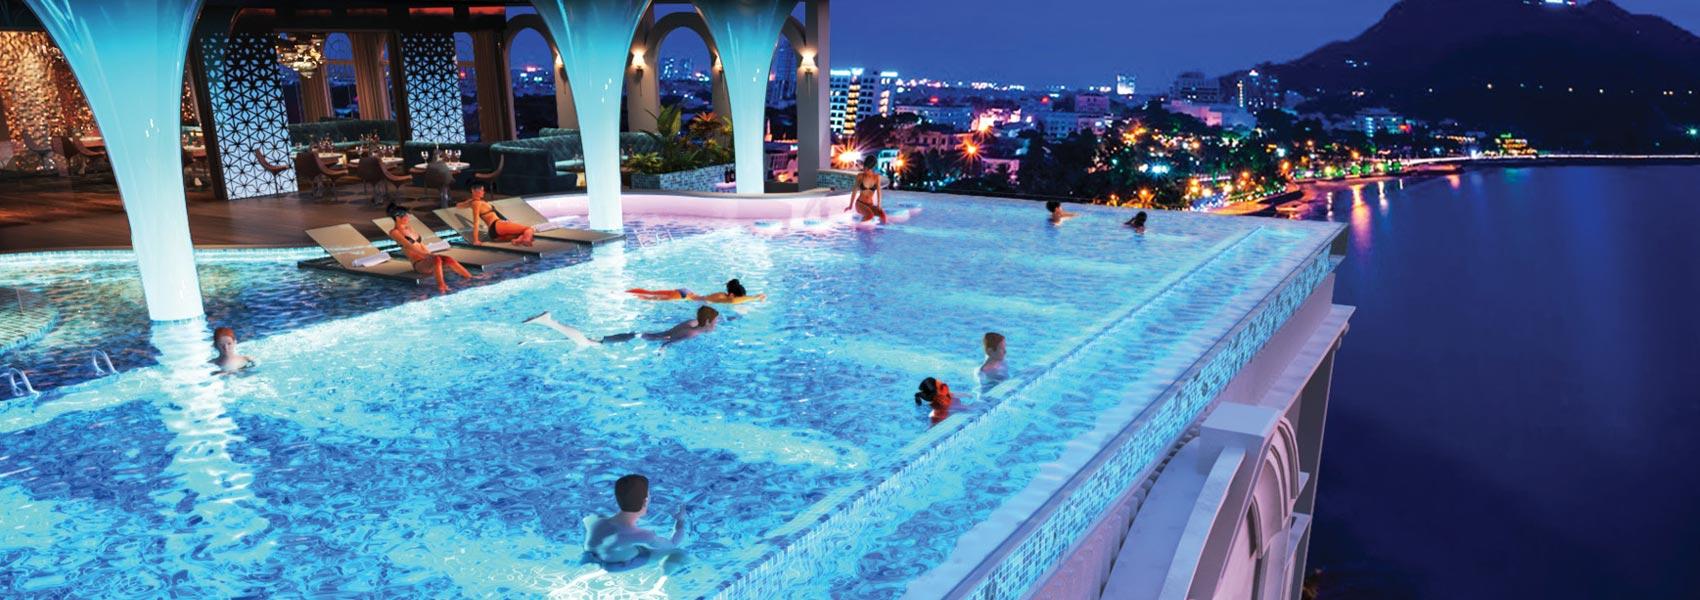 Hồ bơi dự án căn hộ Condotel Oyster Gành Hào Đường 82 Trần Phú chủ đầu tư Vietpearl Group